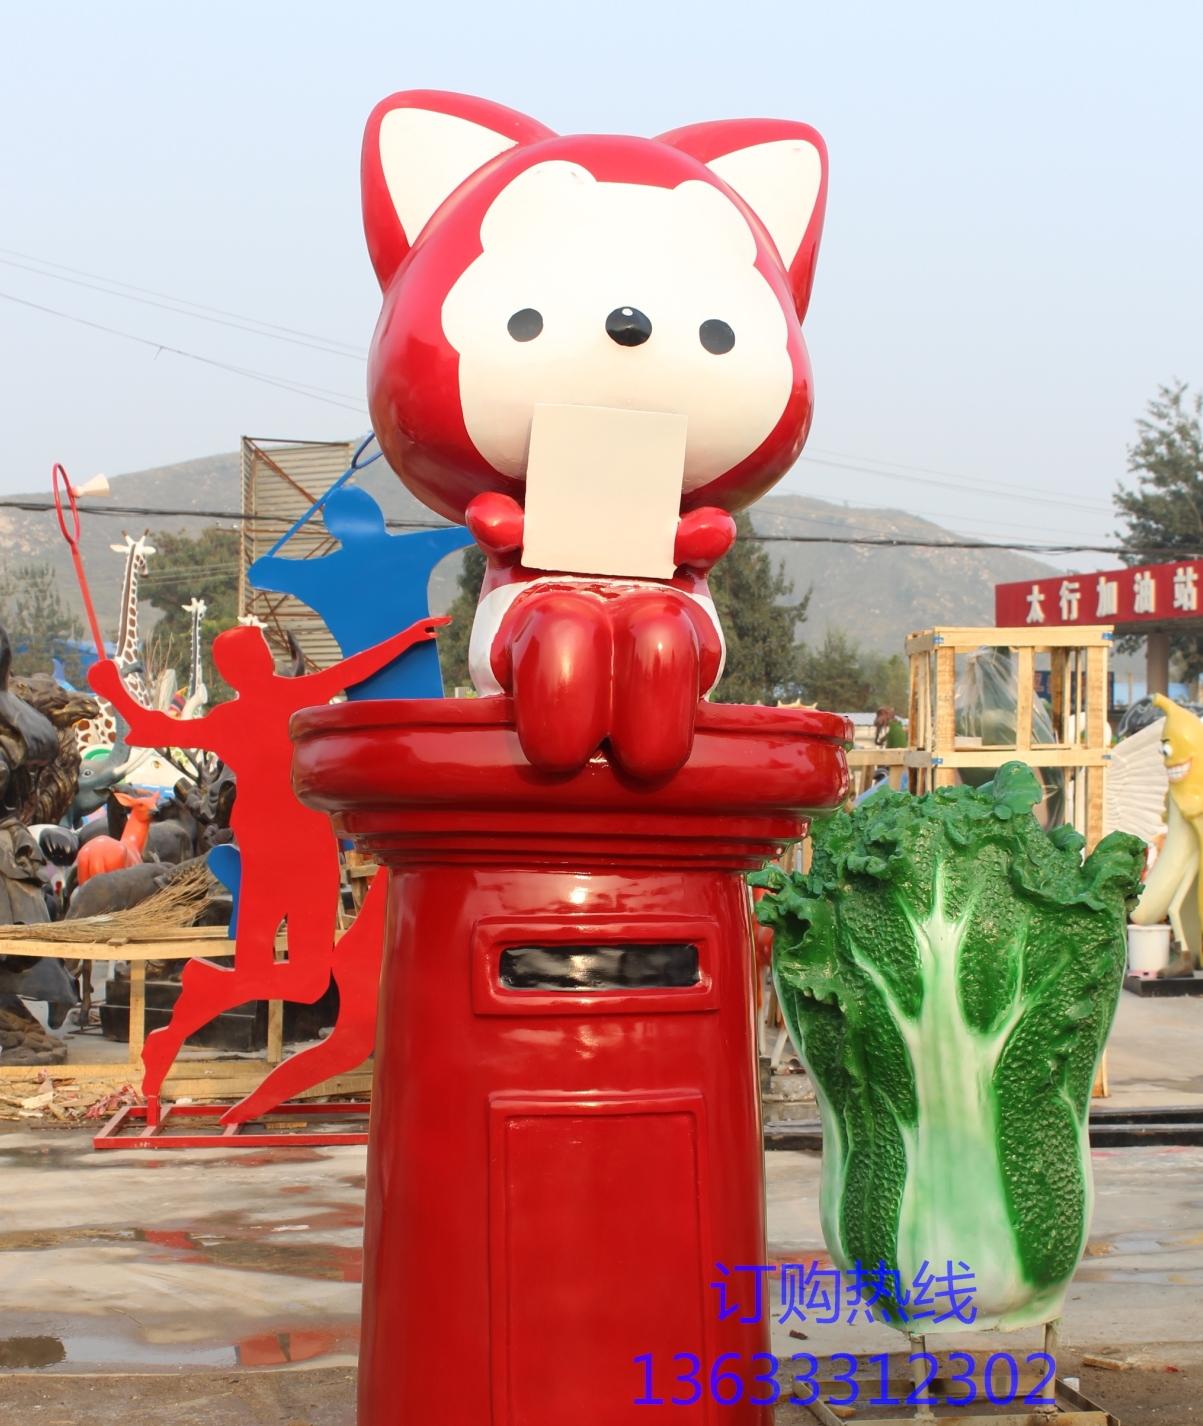 玻璃钢树脂彩绘卡通阿狸信箱垃圾桶雕塑幼儿园广场摆件